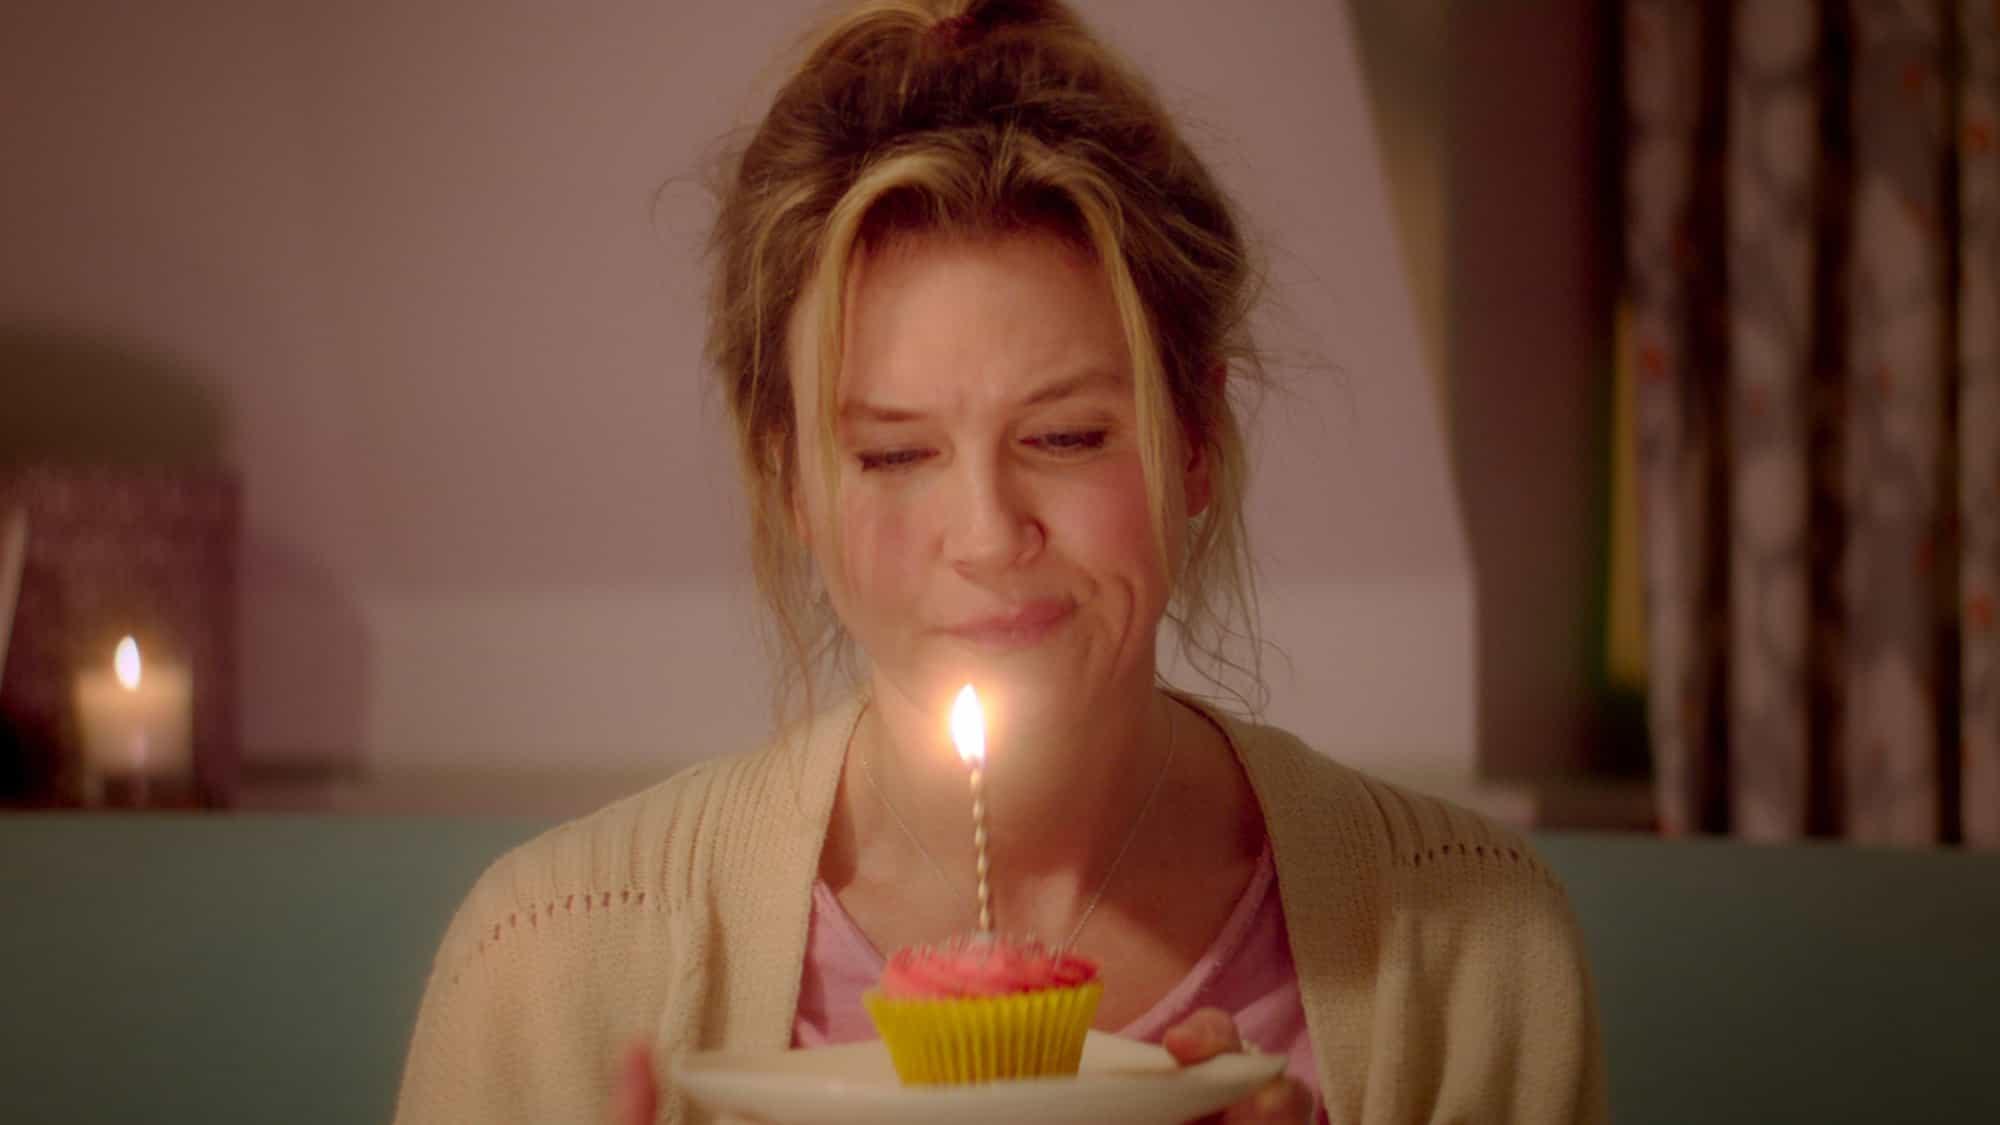 Bridget Jones sitter och firar sin födelsedag själv med en cupcake med ett ljus i.